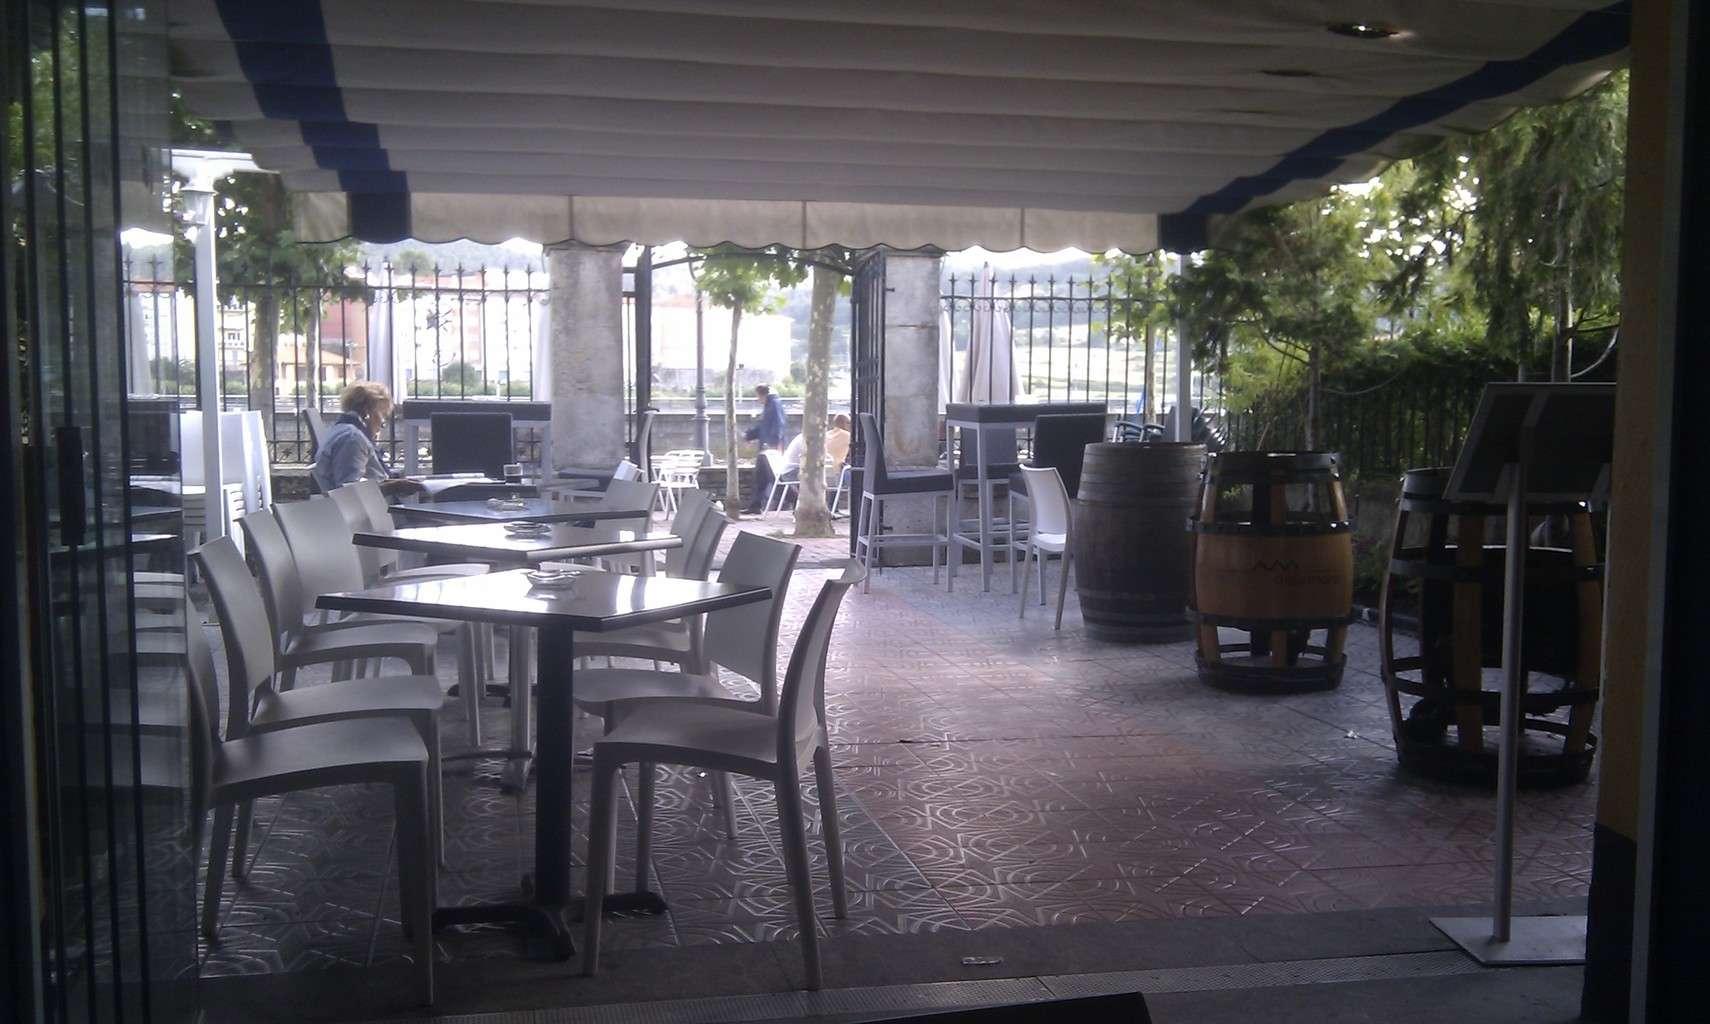 La terraza del hotel uribekosta casa de marinos uribekosta for La terraza de la casa del soldado